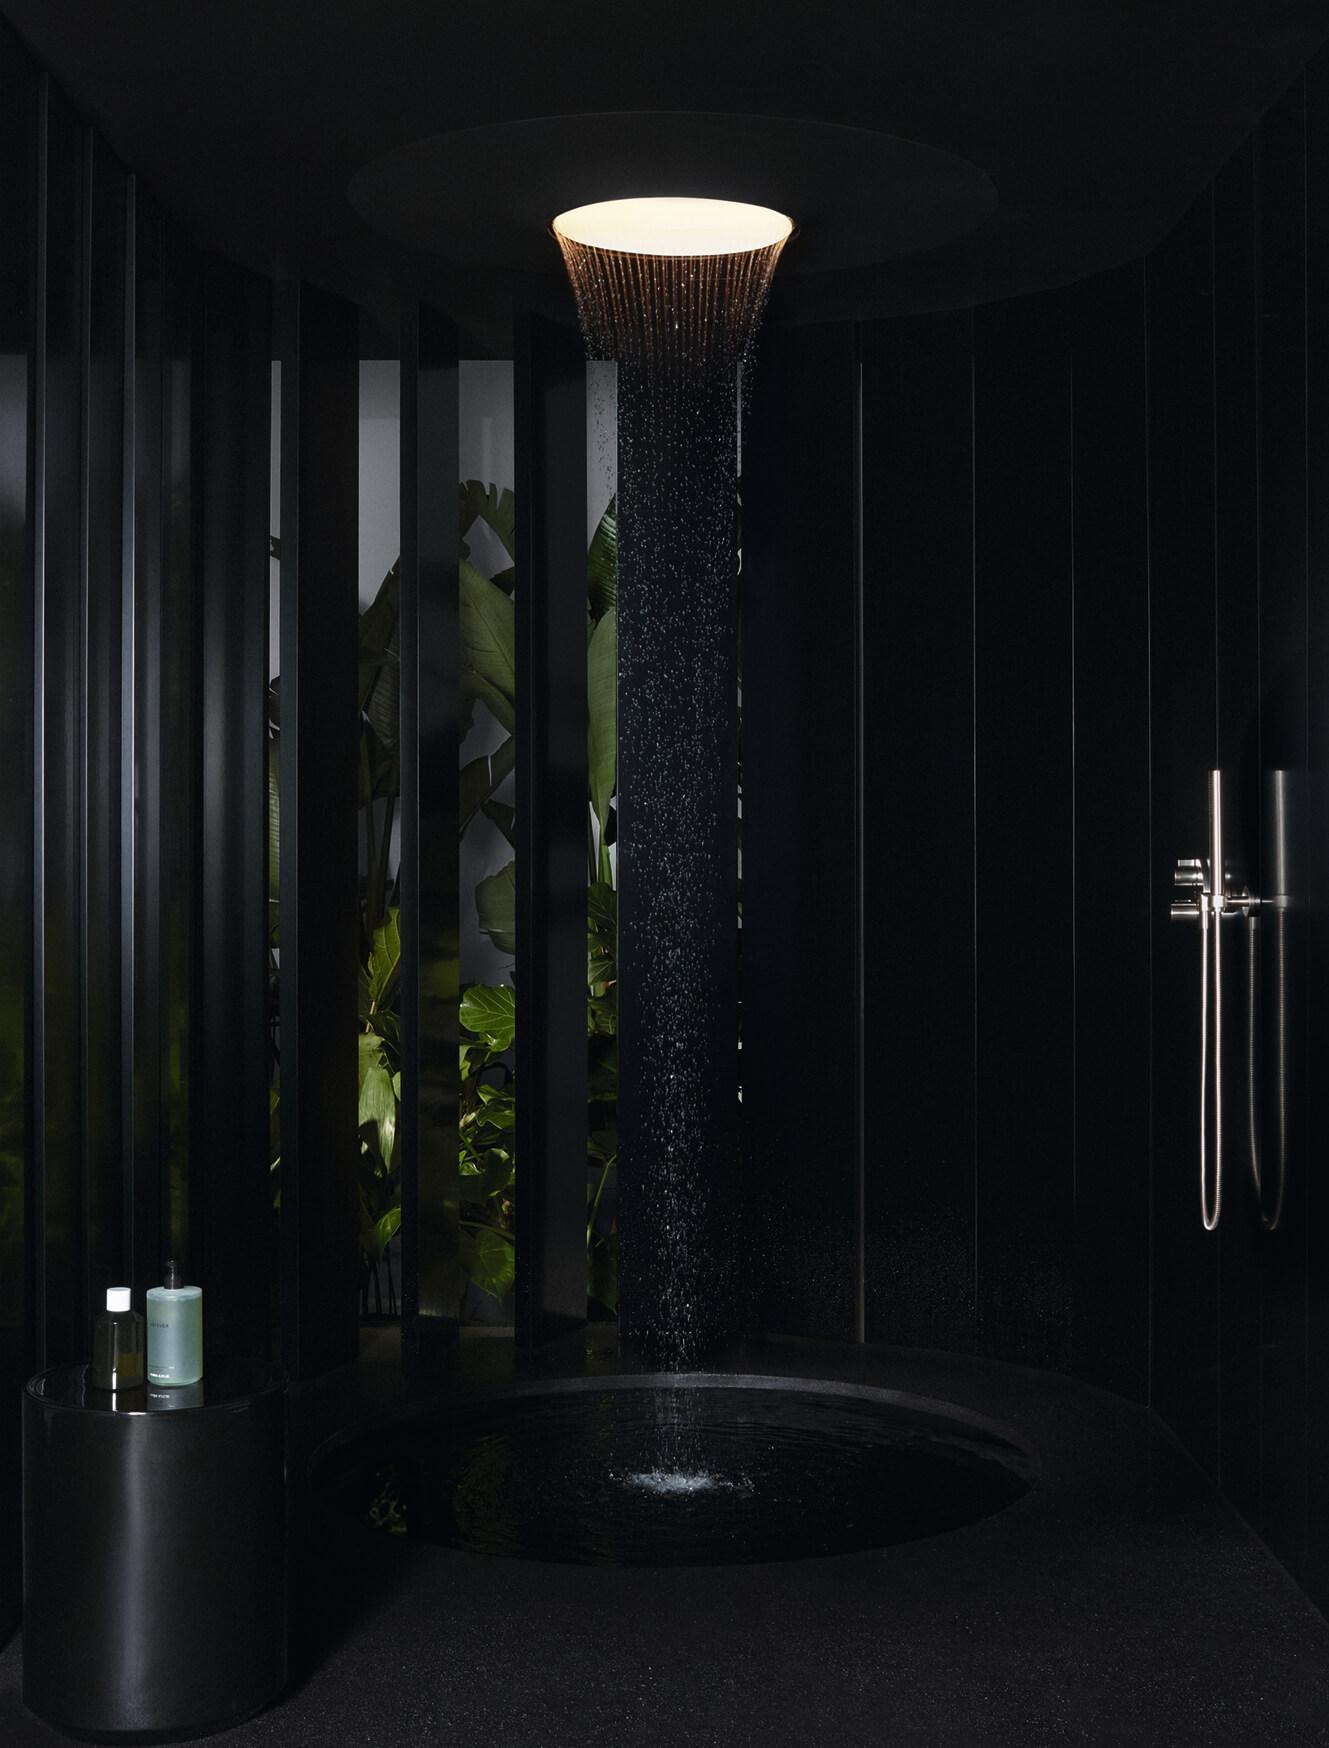 Dornbracht präsentiert Aquamoon – ein multisensorisches Wassererlebnis Creative Direction: Mike Meiré Produktdesign: Michael Neumayr Copyrights: Dornbracht Fotograf: Markus Jans